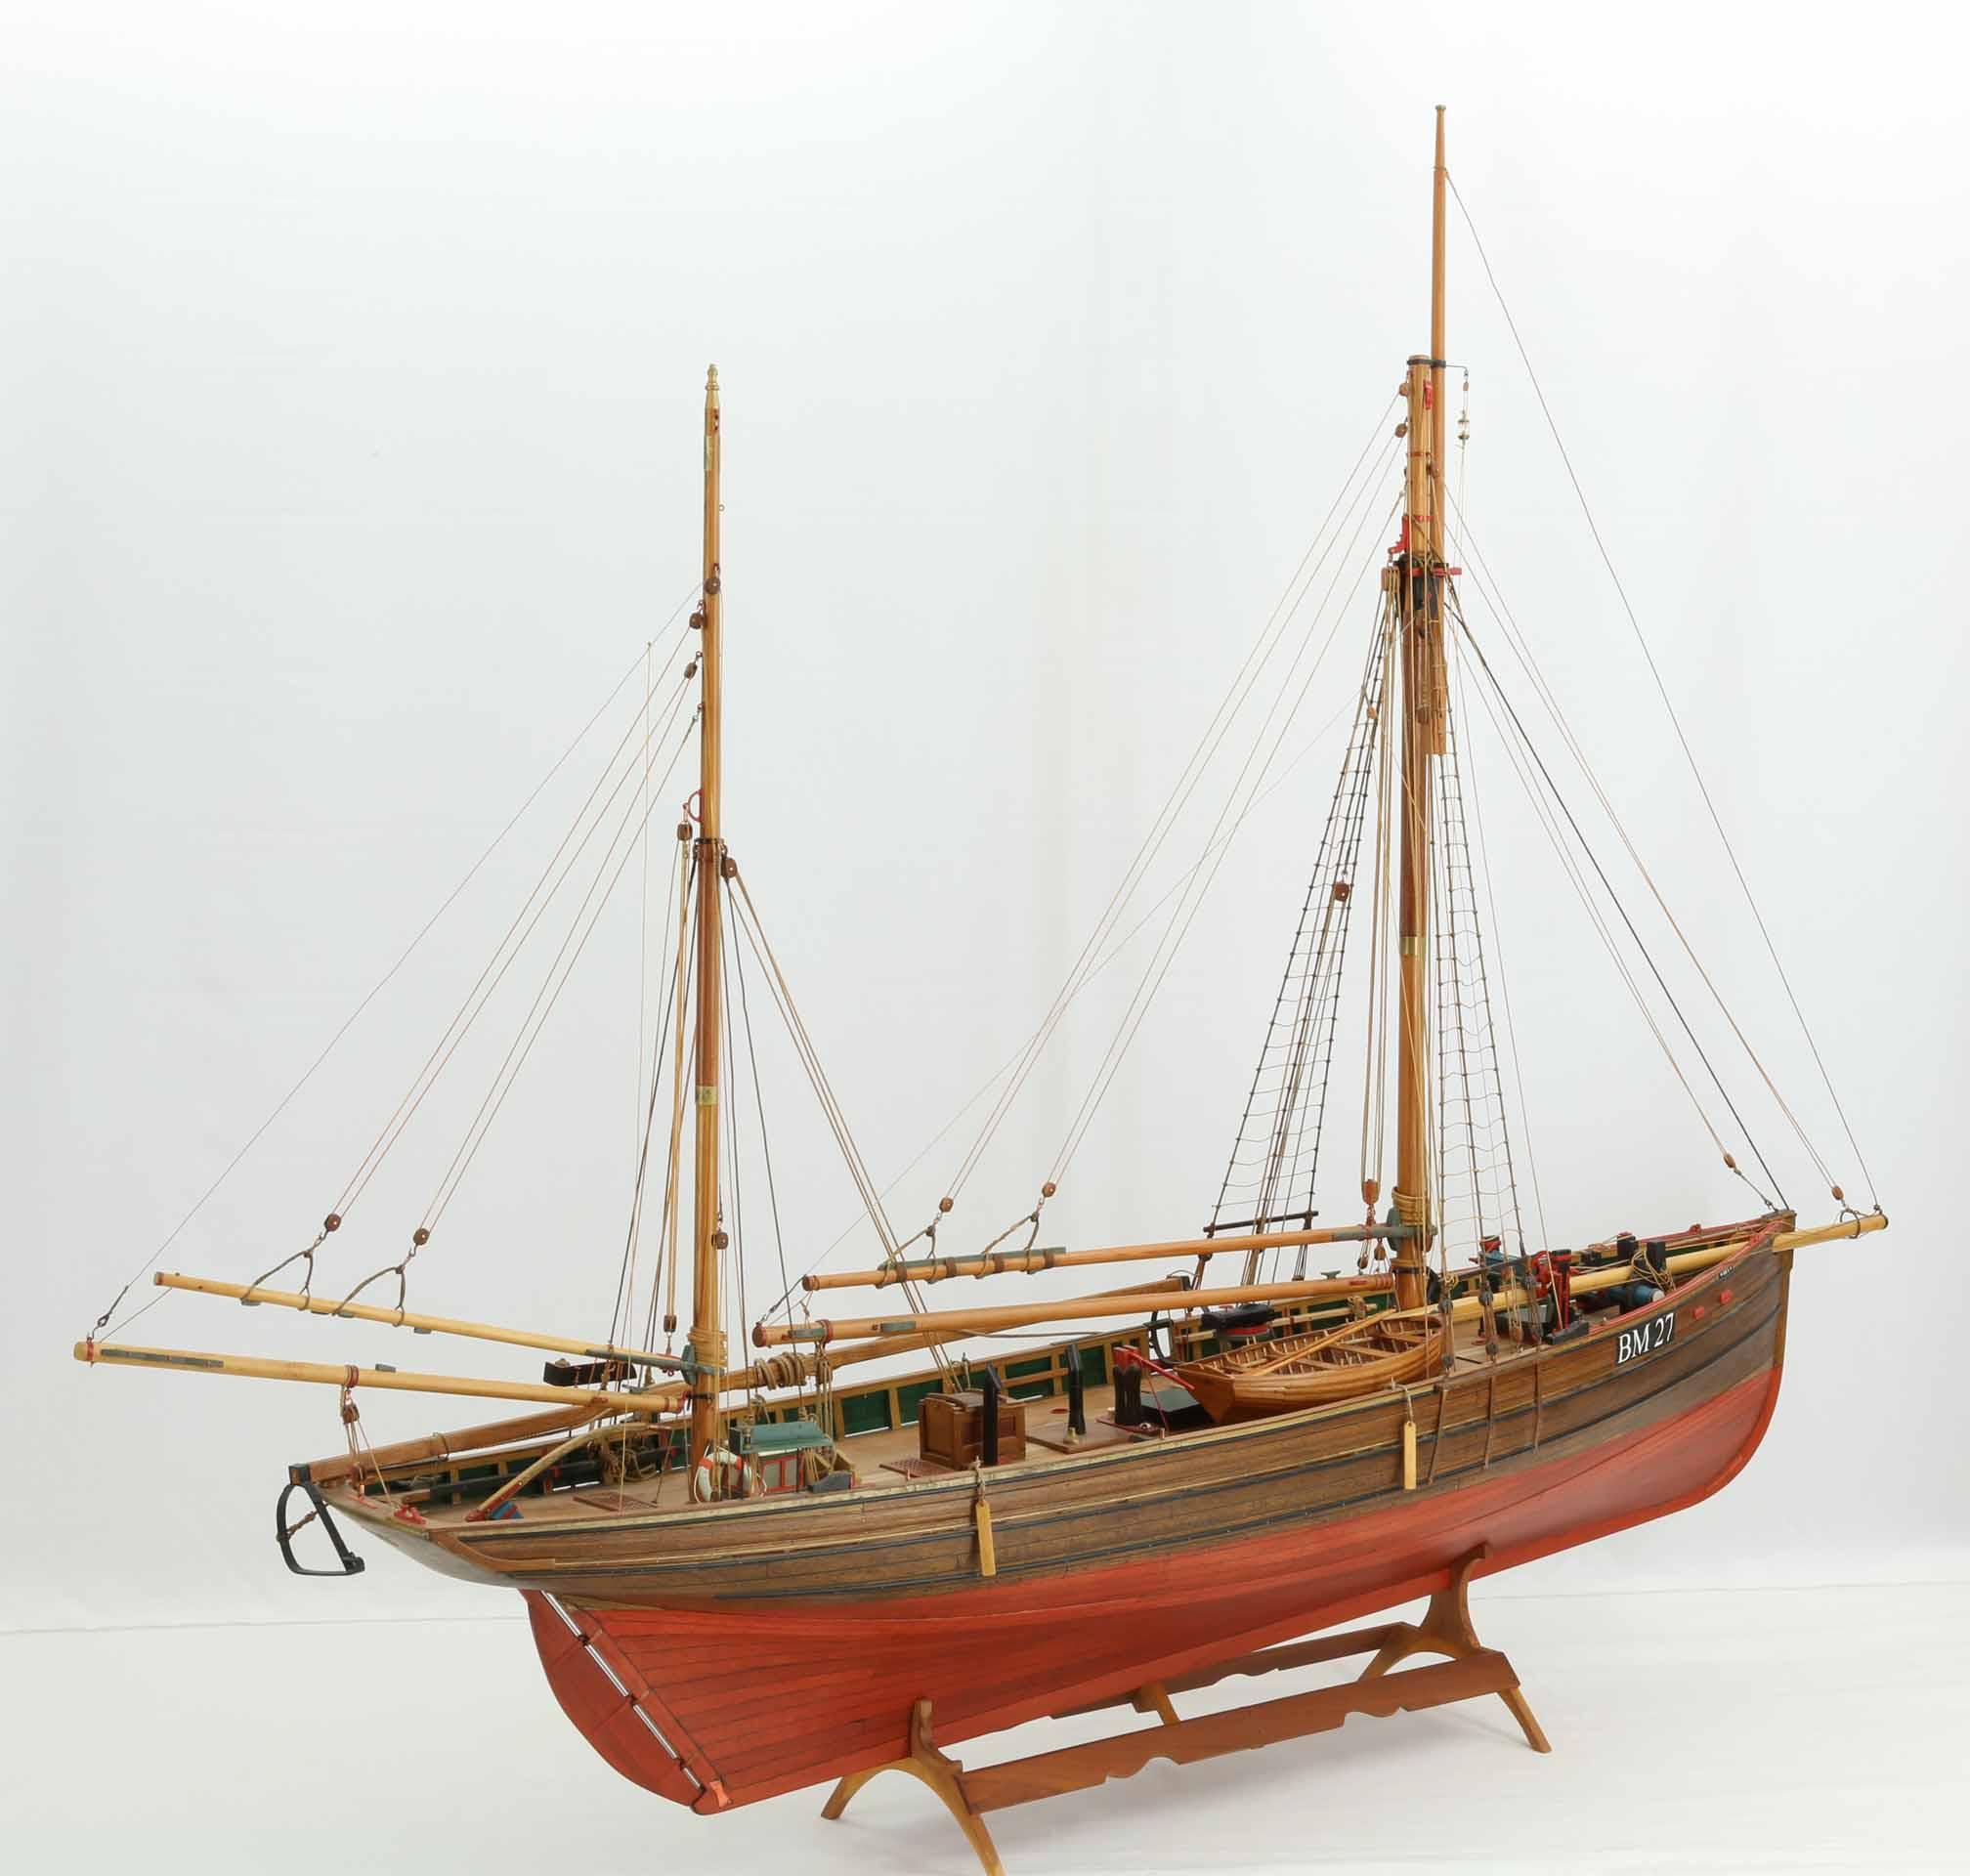 Ship model trawler IBEX of Brixham, built in 1896